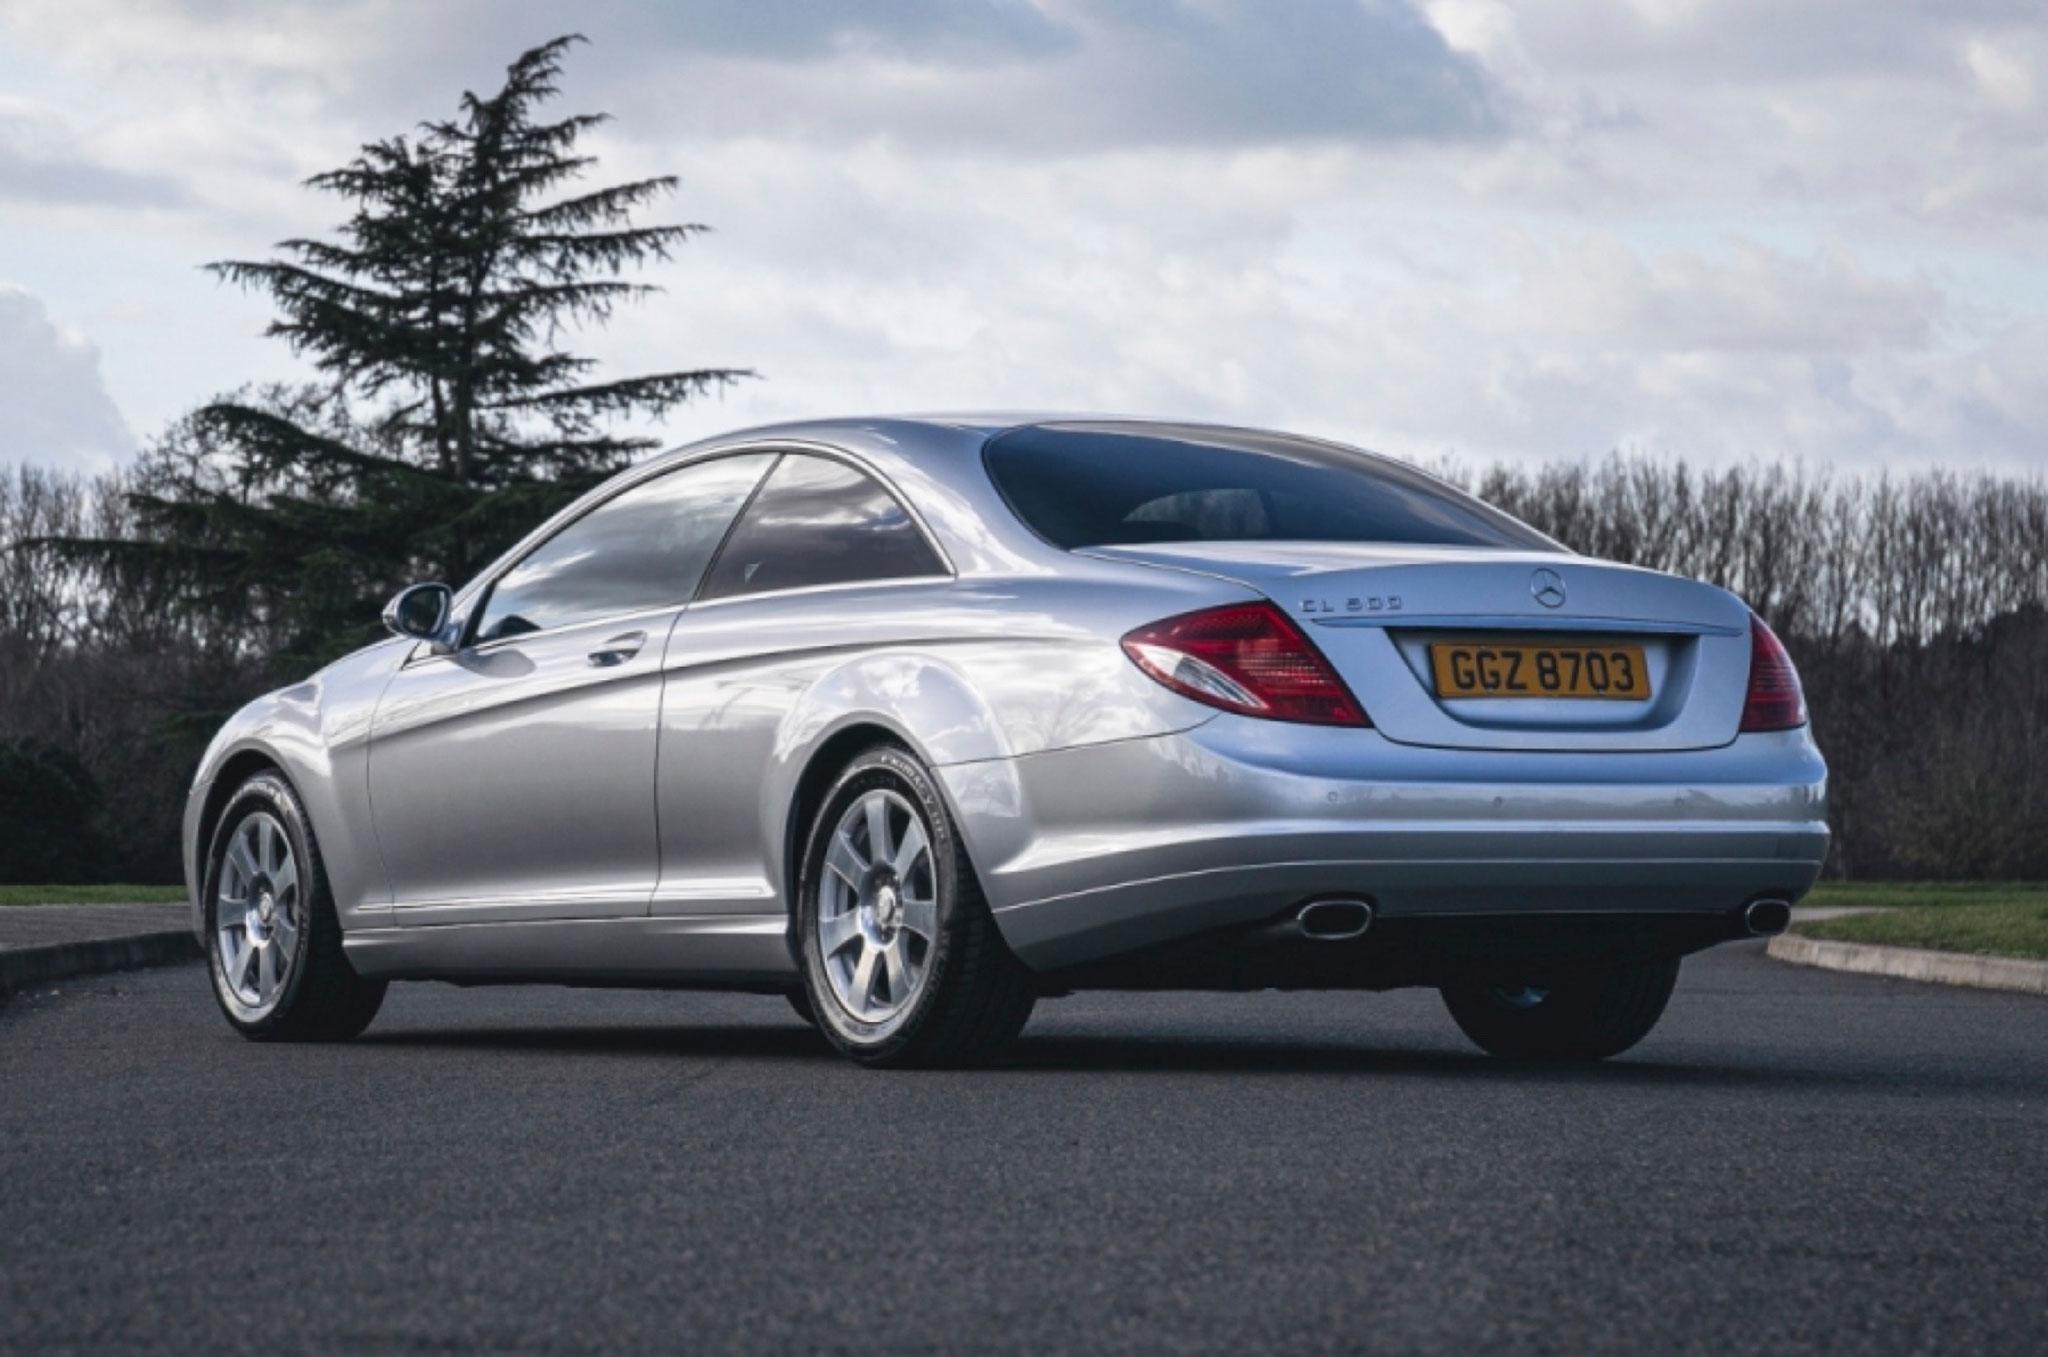 2008 Mercedes-Benz CL500 trois quarts arrière gauche - Classic Car Auctions mars 2021.